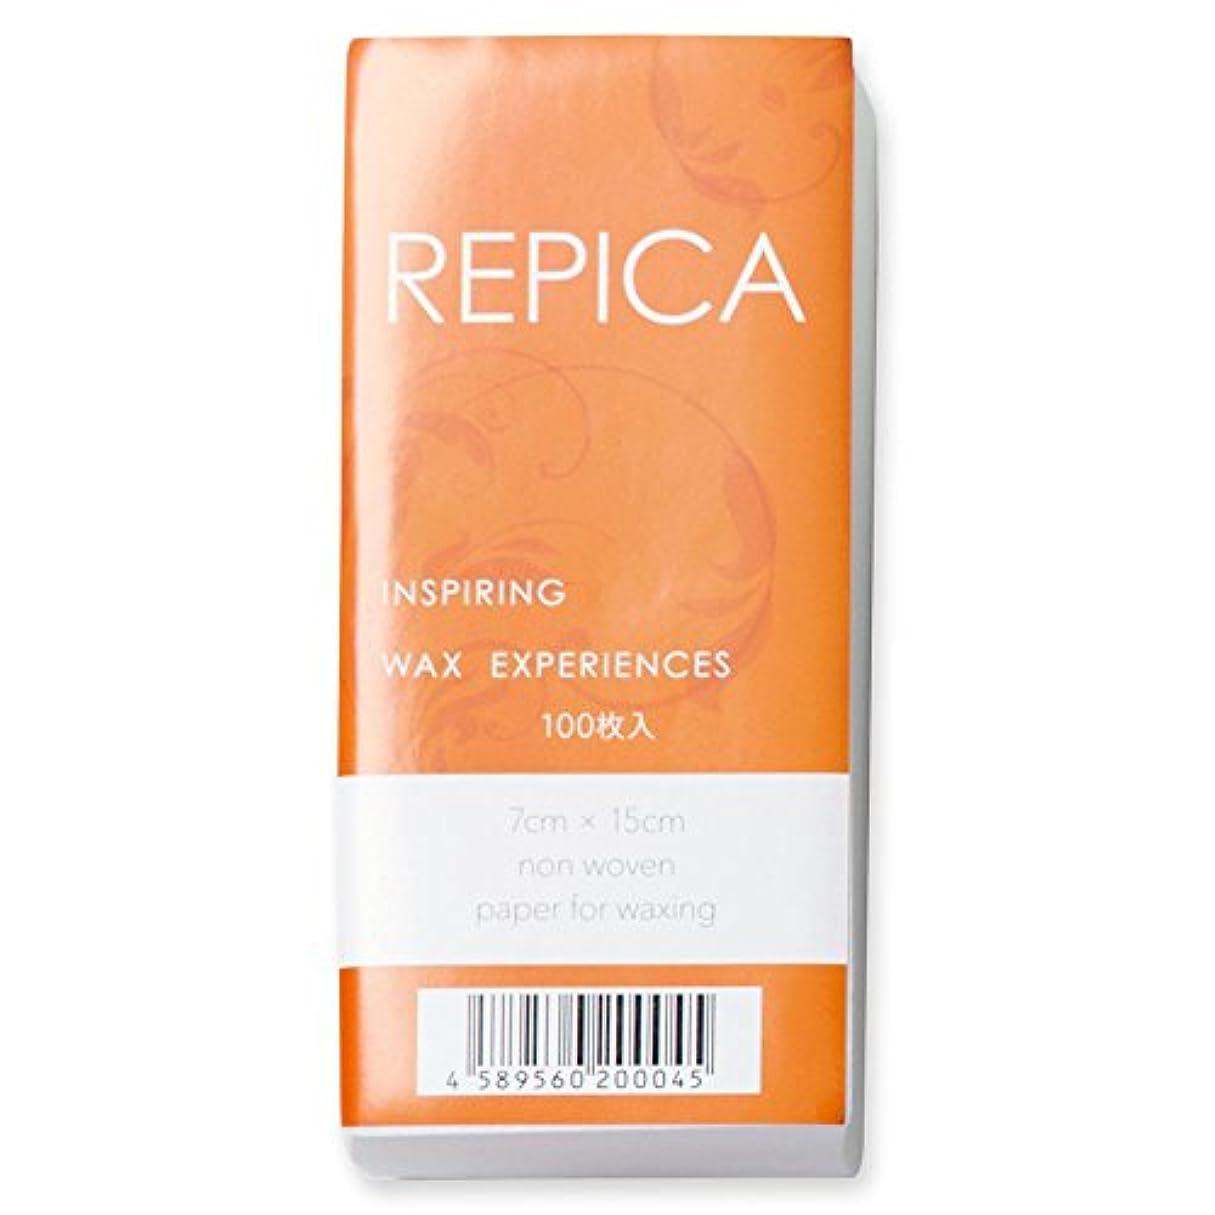 復活させるスリラー糞REPICA ブラジリアンワックス脱毛 カットペーパー Mサイズ100枚入り×1個 ワックス脱毛 ワックスシート ストリップシート